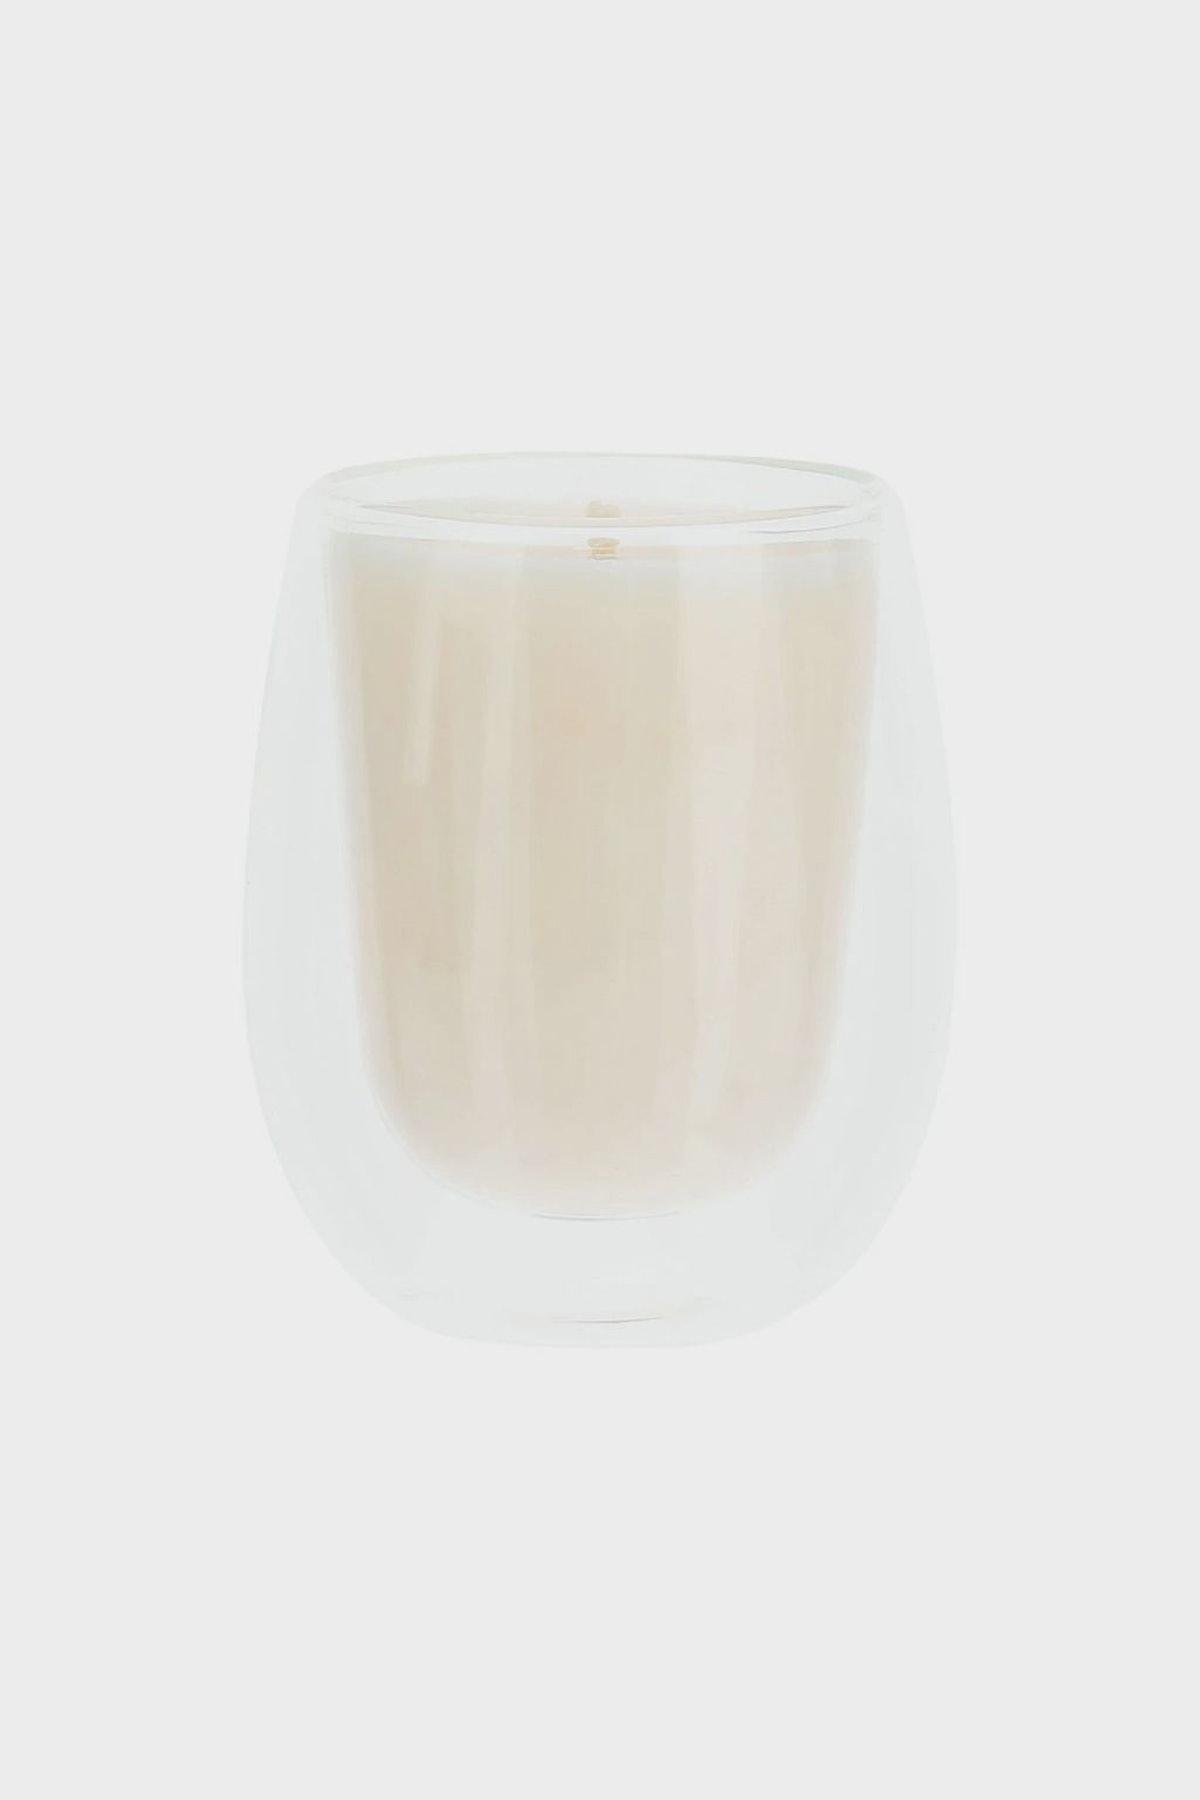 Haeckels Beauty Botany Bay Candle Mycelium: image 1